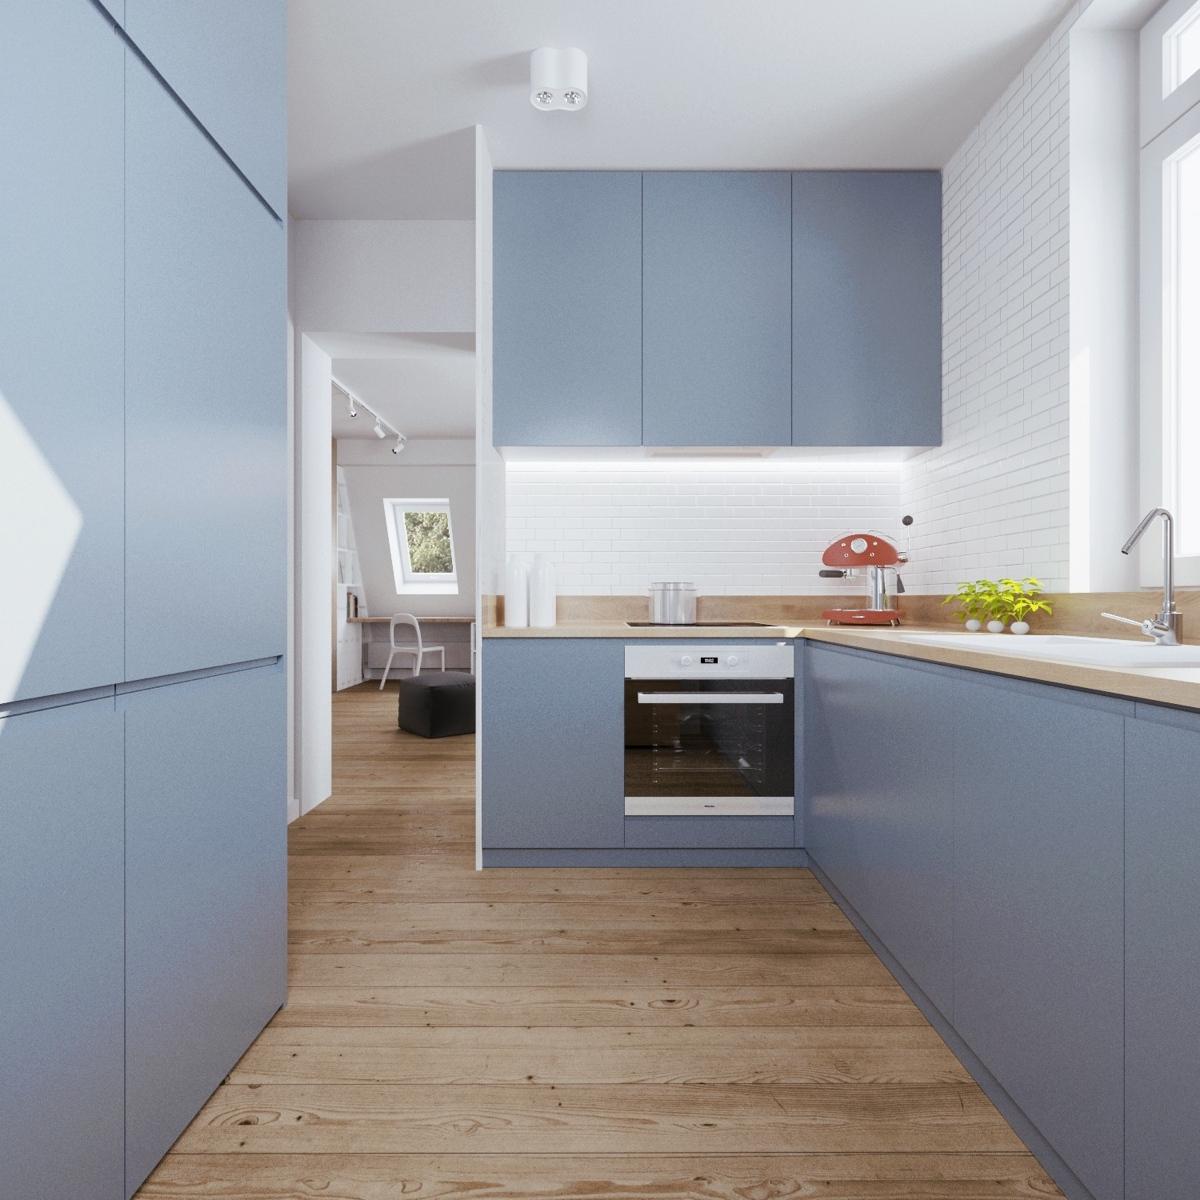 Minimalist Kitchen Design: Minimalist Apartment Design With Soft Color Scheme